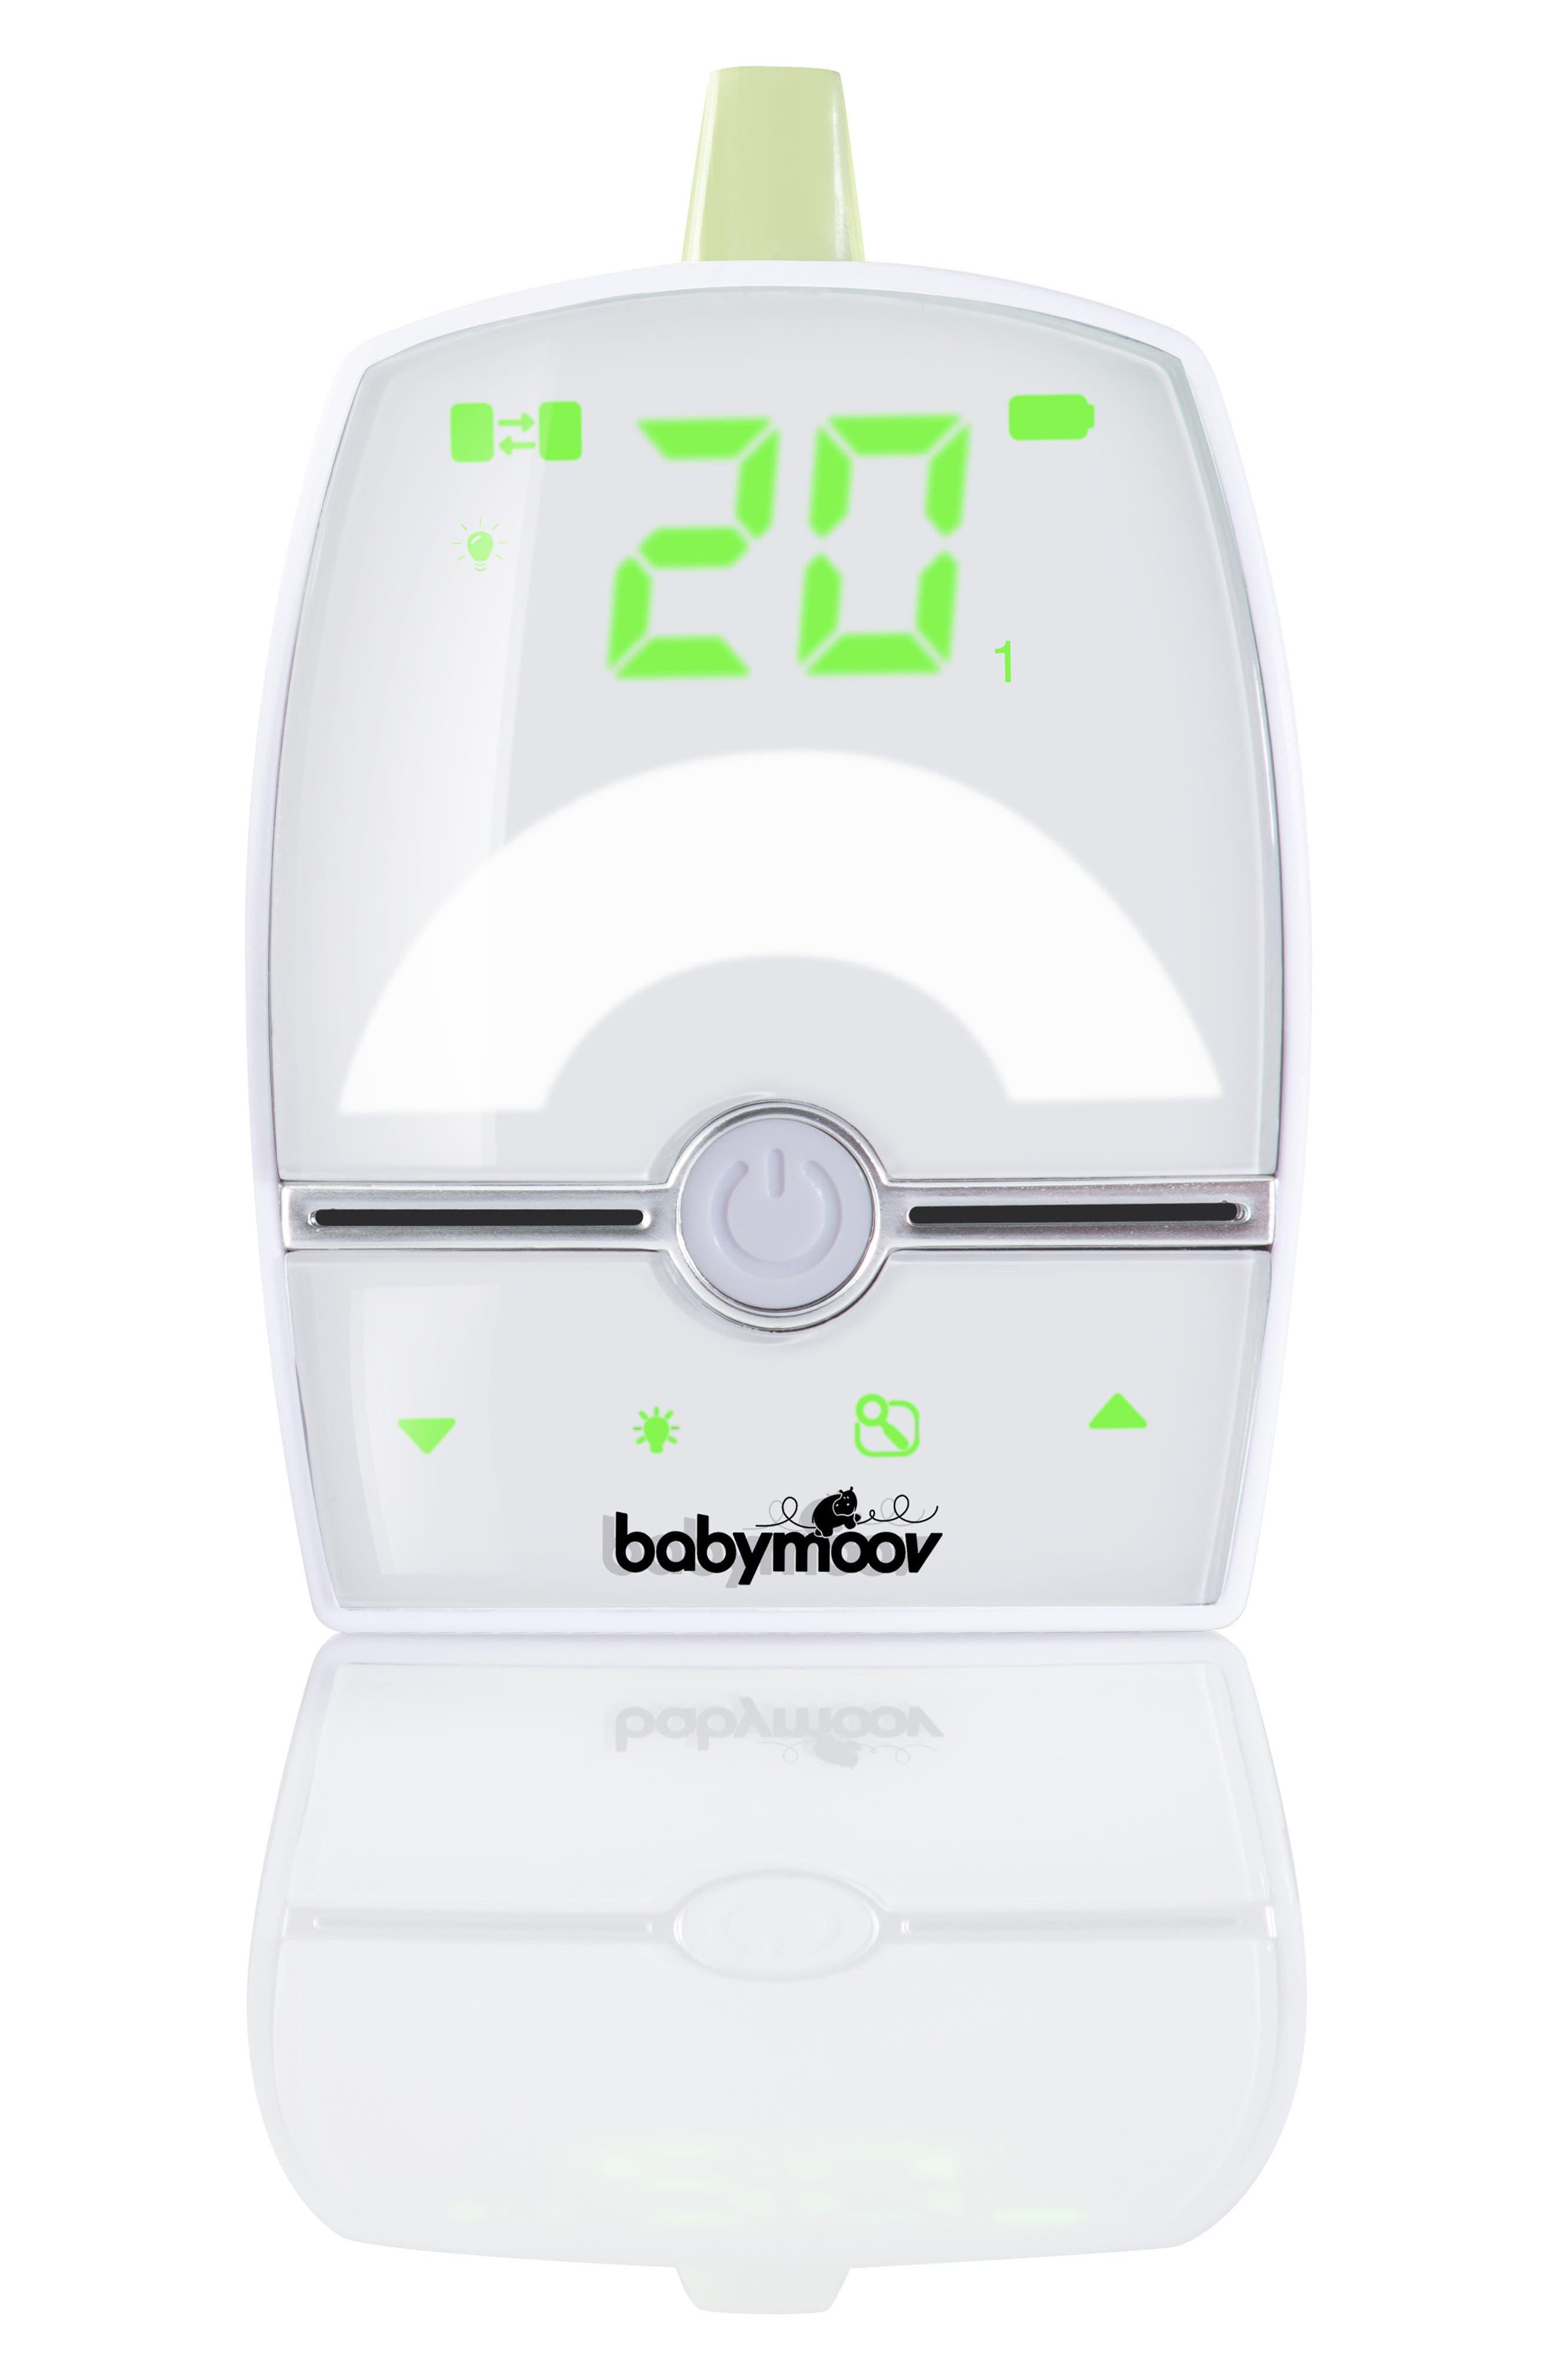 Babymoov Extra Transmitter for Babymoov Premium Care Baby Moniter